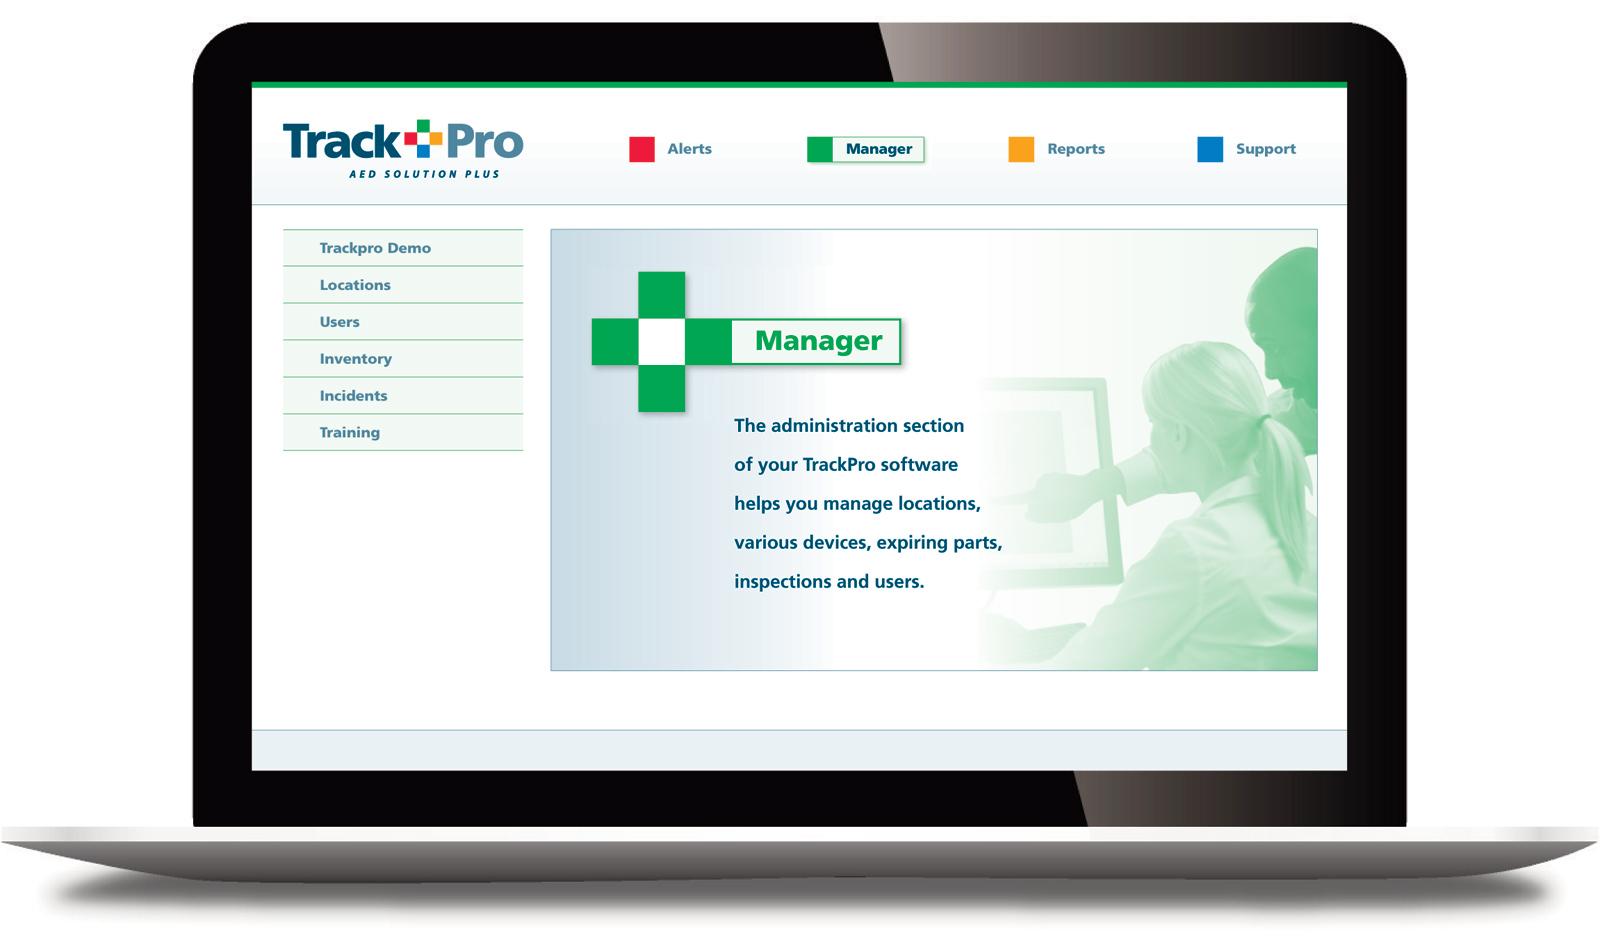 Laptop-Interface-Slides-V2-3.jpg